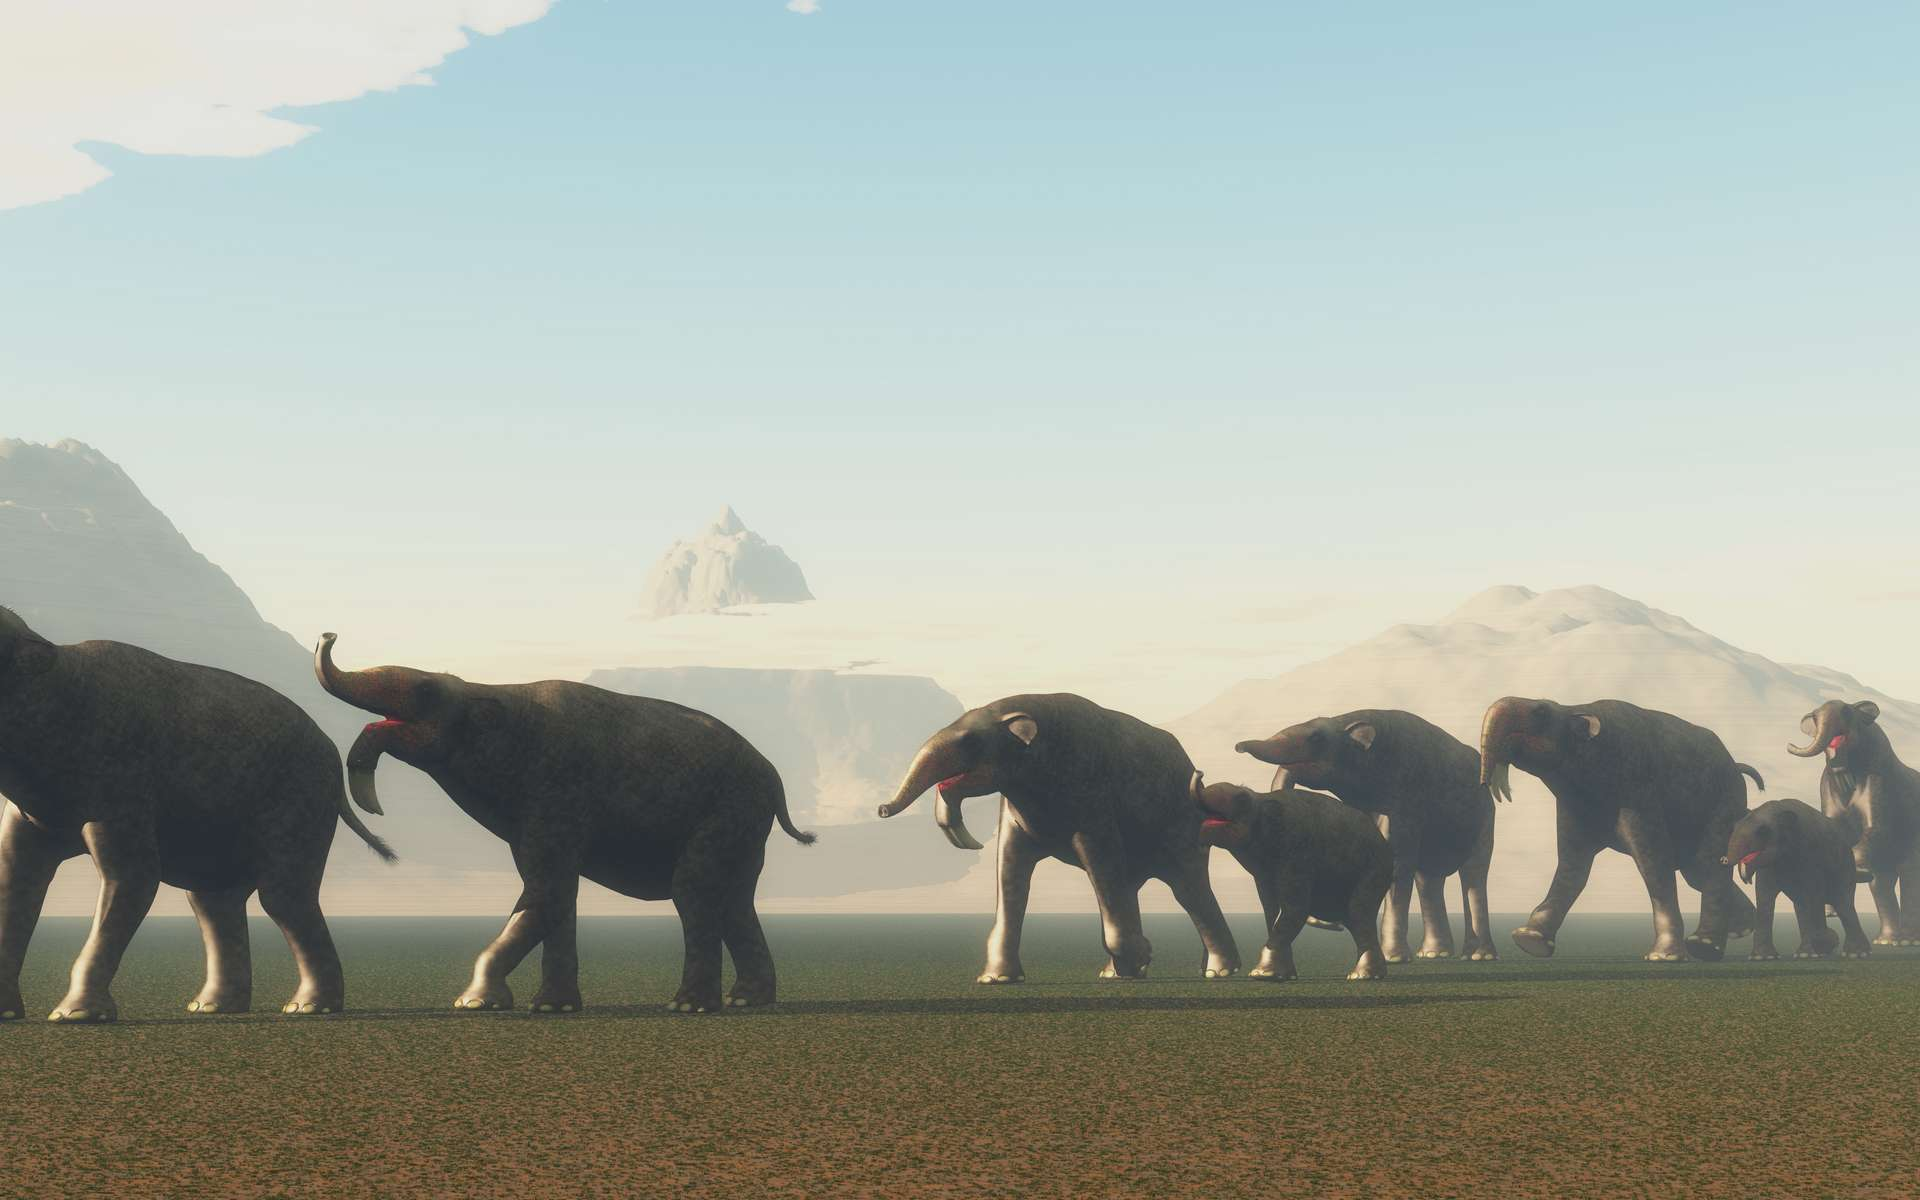 Un groupe de Deinotherium se rend à un point d'eau au cours de l'âge d'or des proboscidiens. © Catmando, Adobe Stock